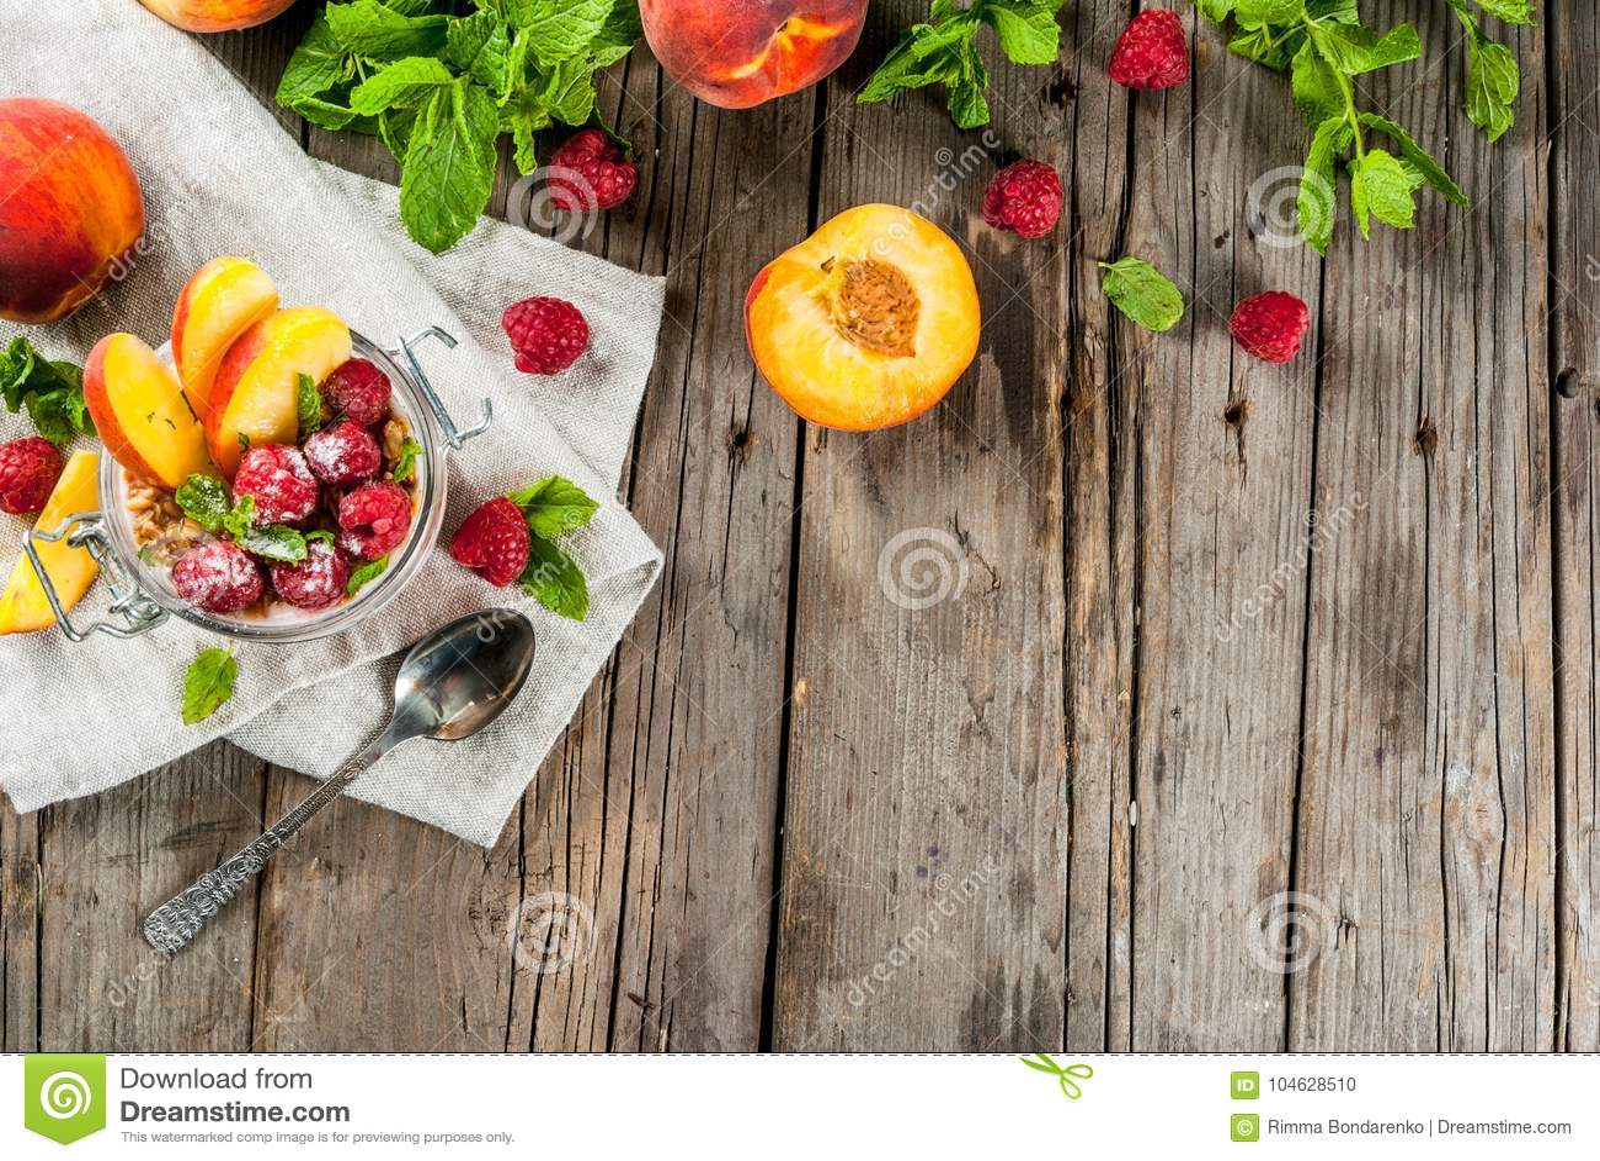 Download Nachtelijk Havermeel Met Frambozen En Perzik Stock Foto - Afbeelding bestaande uit gastronomisch, ochtend: 104628510